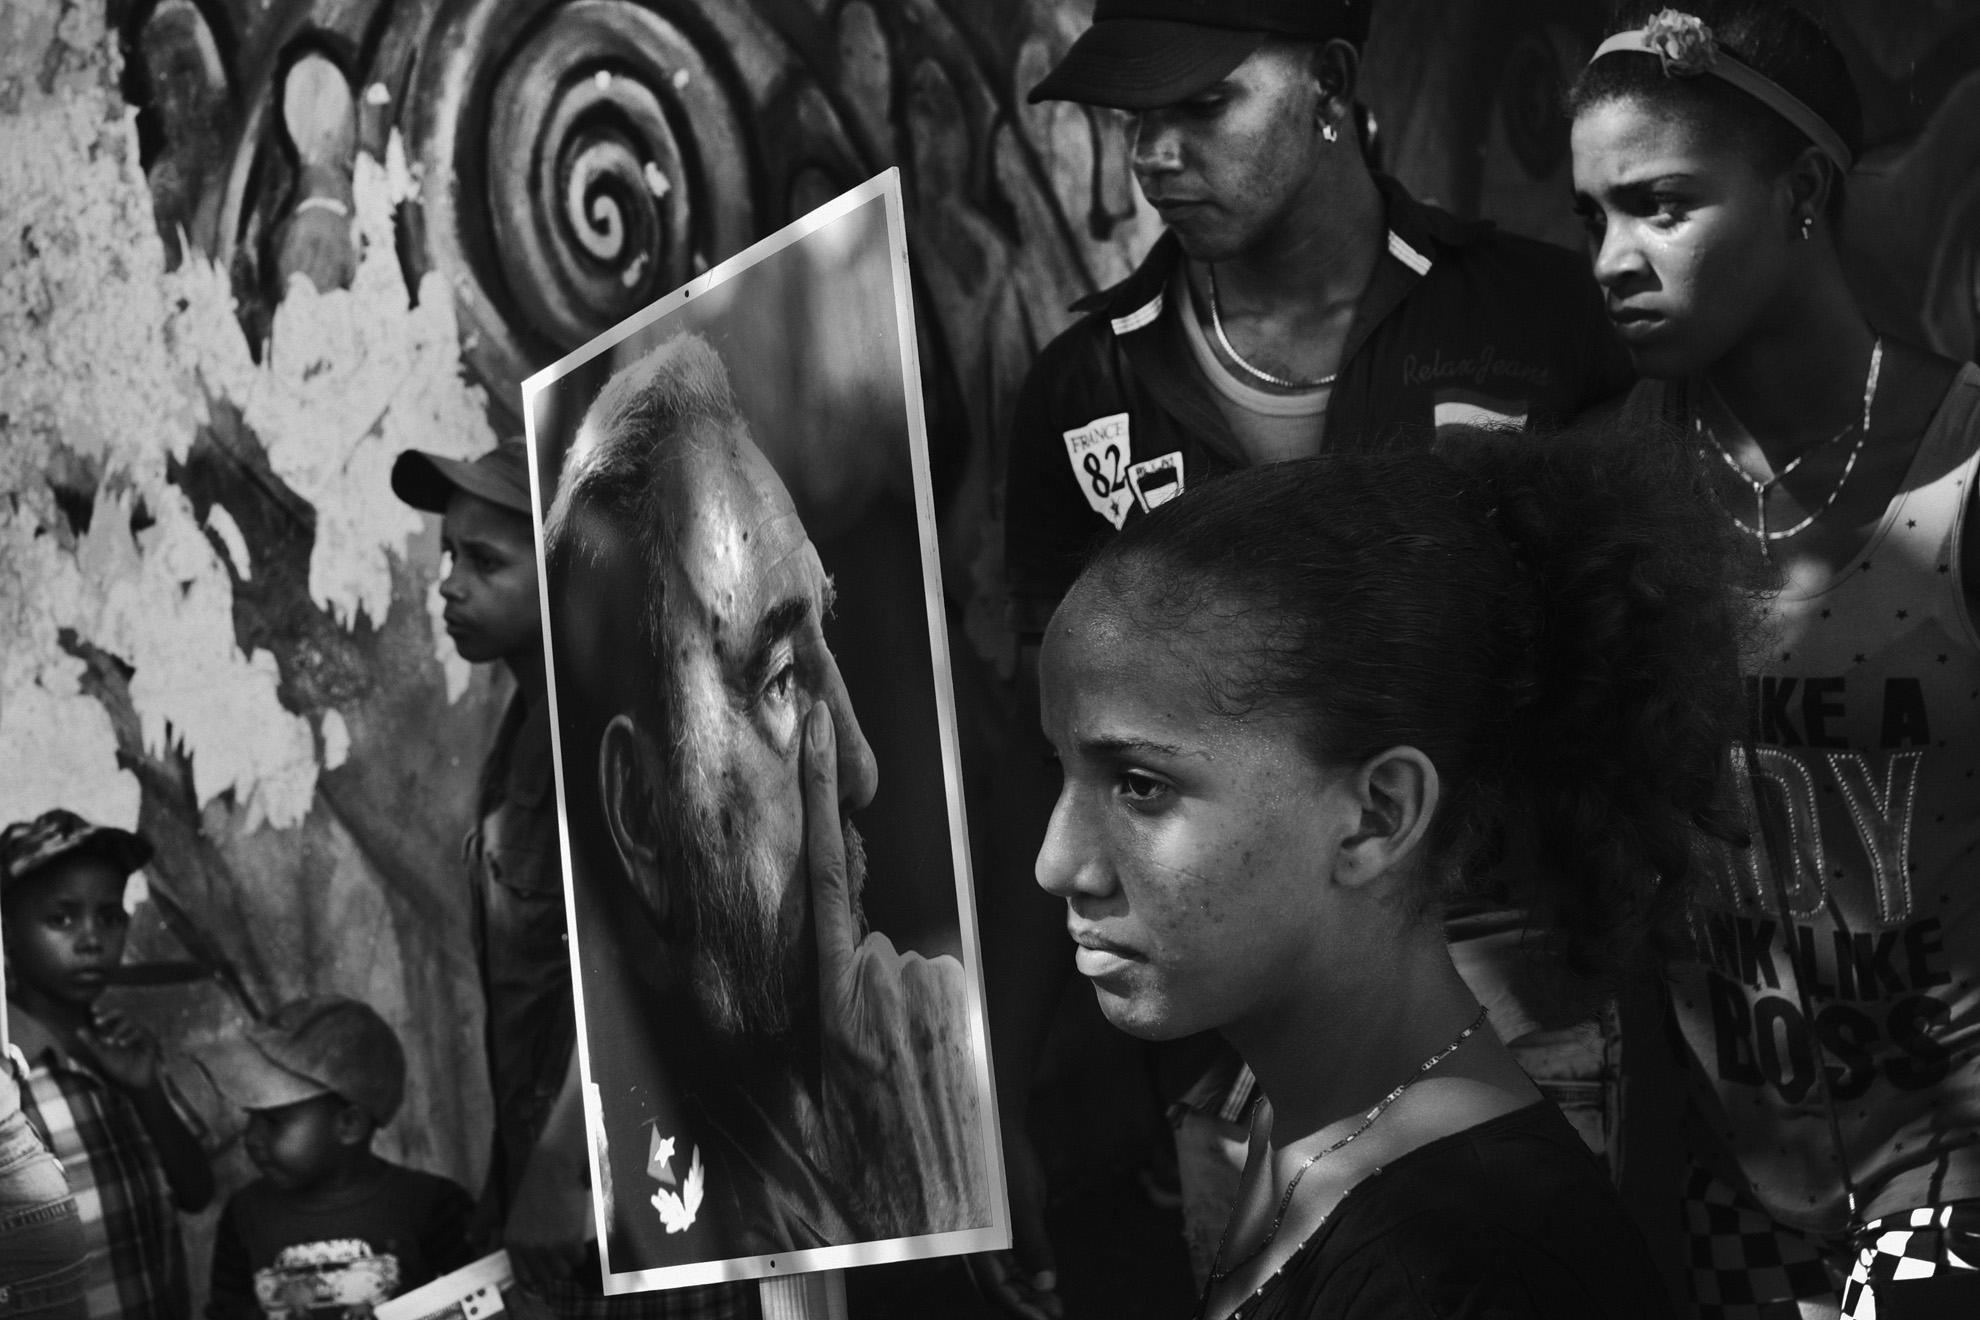 Quelques heures avant le debut de la ceremonie officielle place de la revolution a Santiago de Cuba des gens attendent dans les rues et avenues attenantes a la place de la revolution 3 decembre 2016